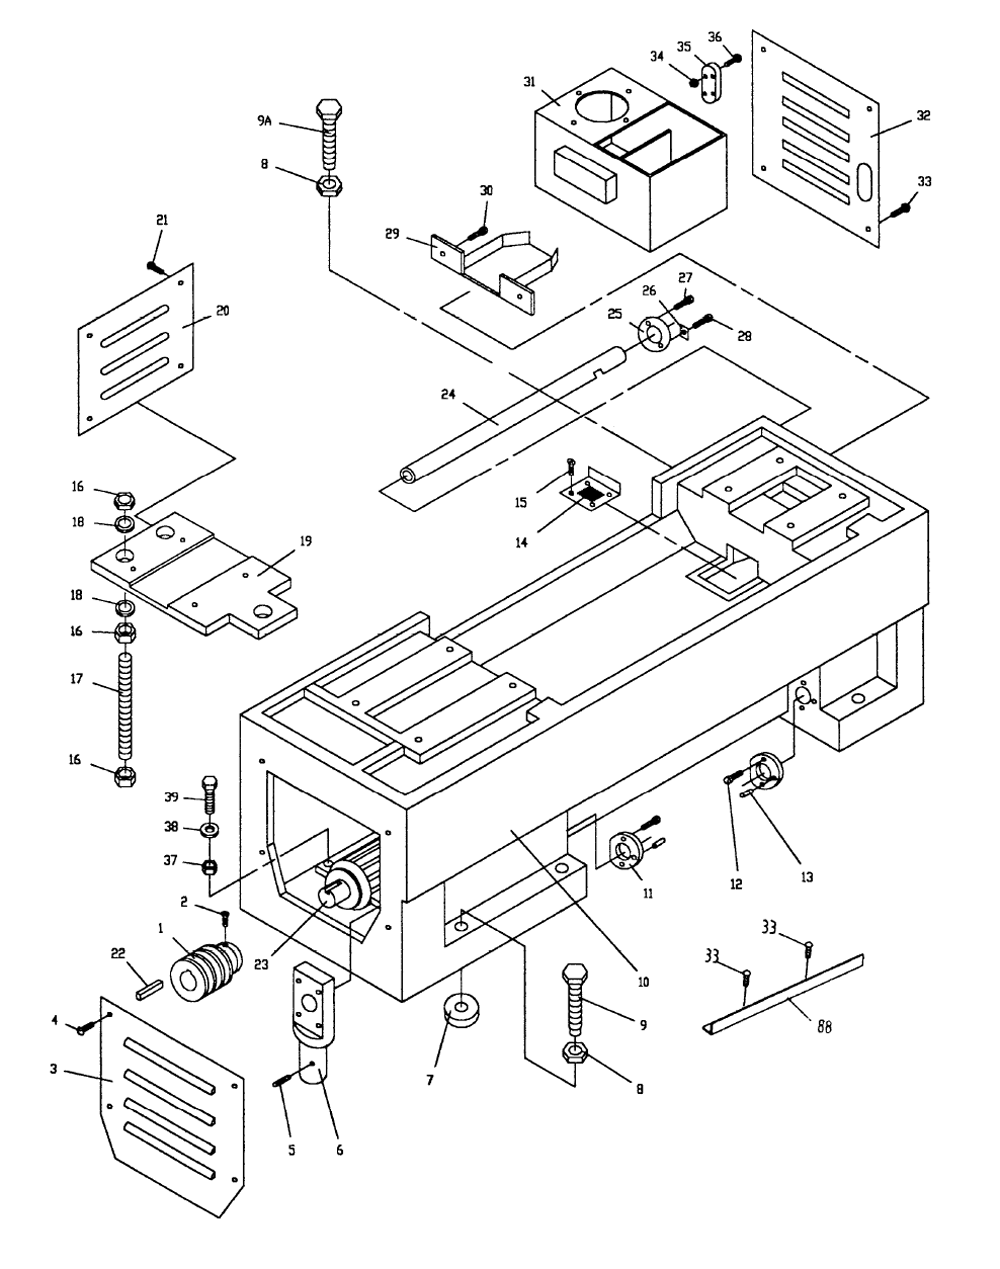 jet machine parts